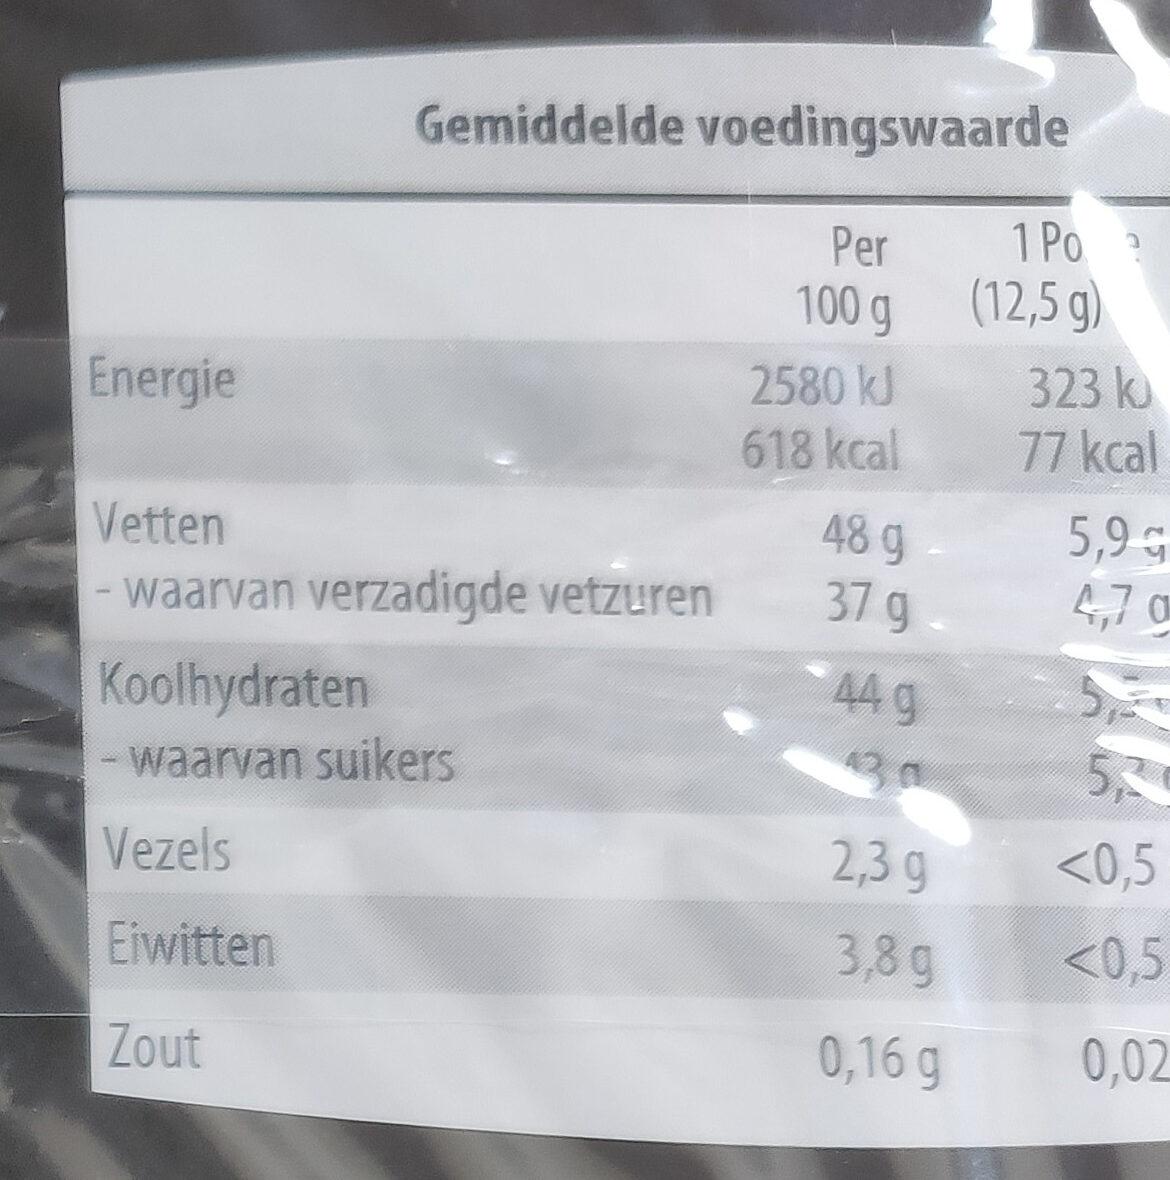 Truffels melkchocolade - Voedingswaarden - nl